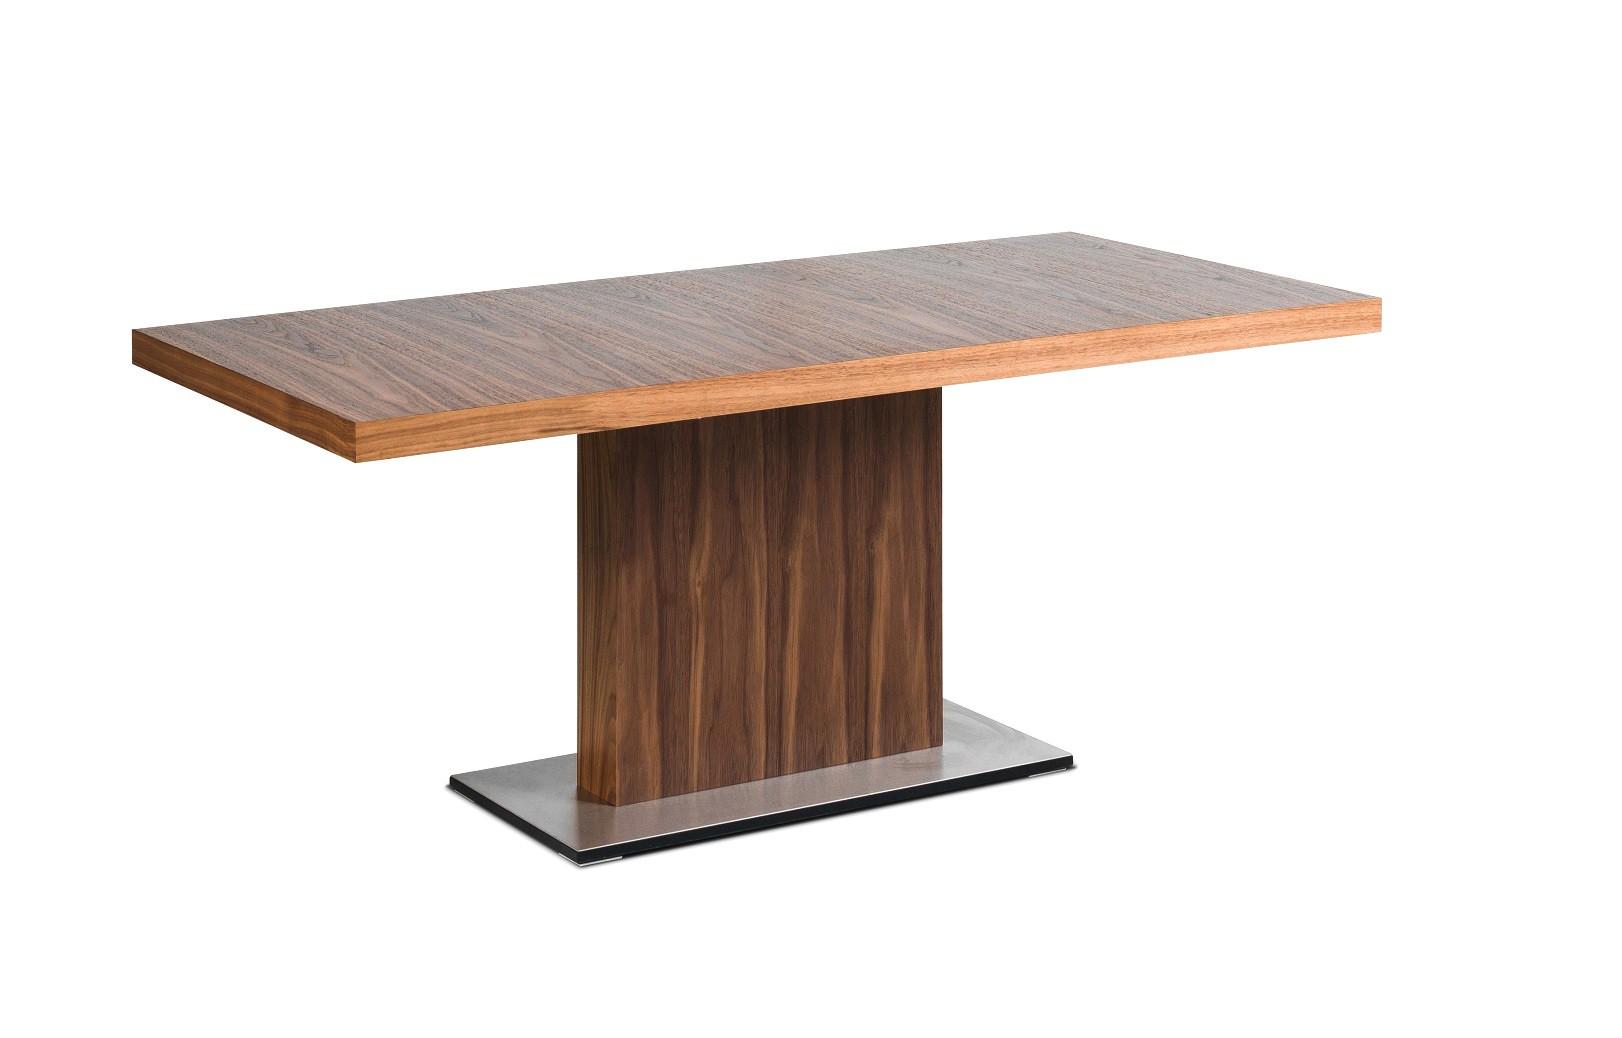 design couchtisch tisch mn 6 walnuss nussbaum hochwertig couchtische nussbaum couchtische. Black Bedroom Furniture Sets. Home Design Ideas